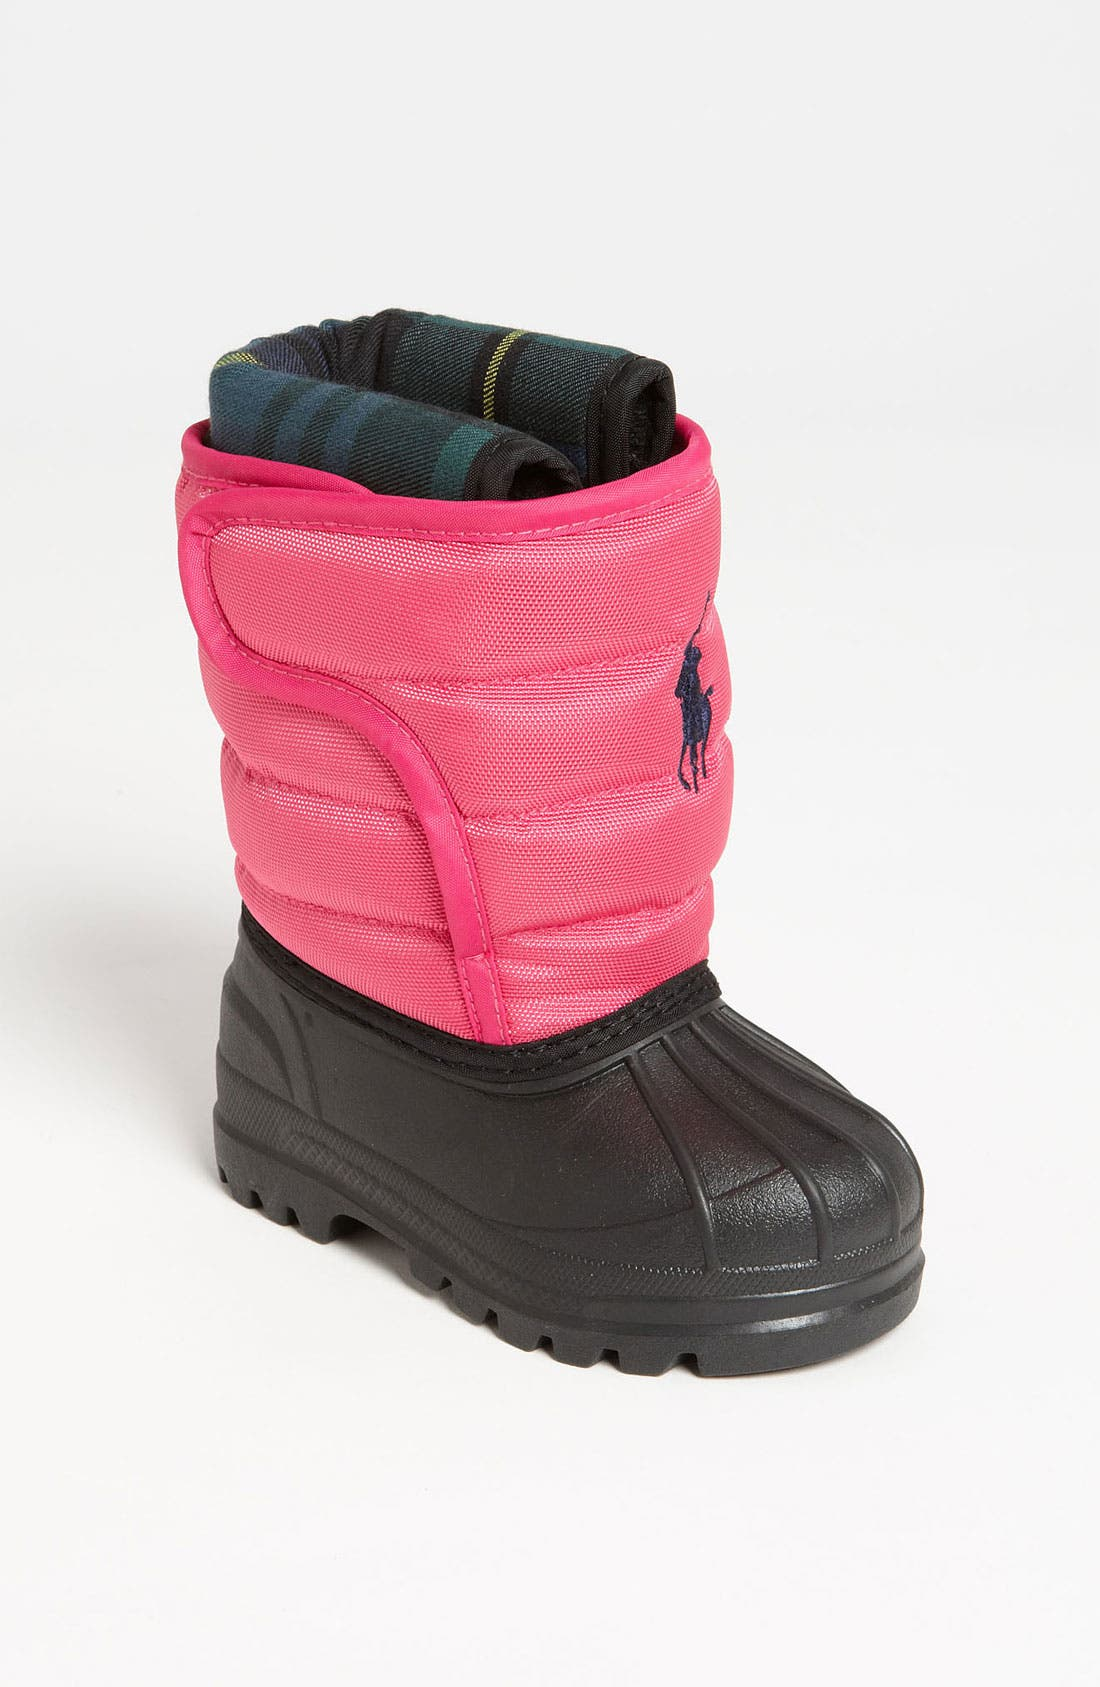 Alternate Image 1 Selected - Polo Ralph Lauren Waterproof Duck Boot (Baby, Walker, Toddler & Big Kid)